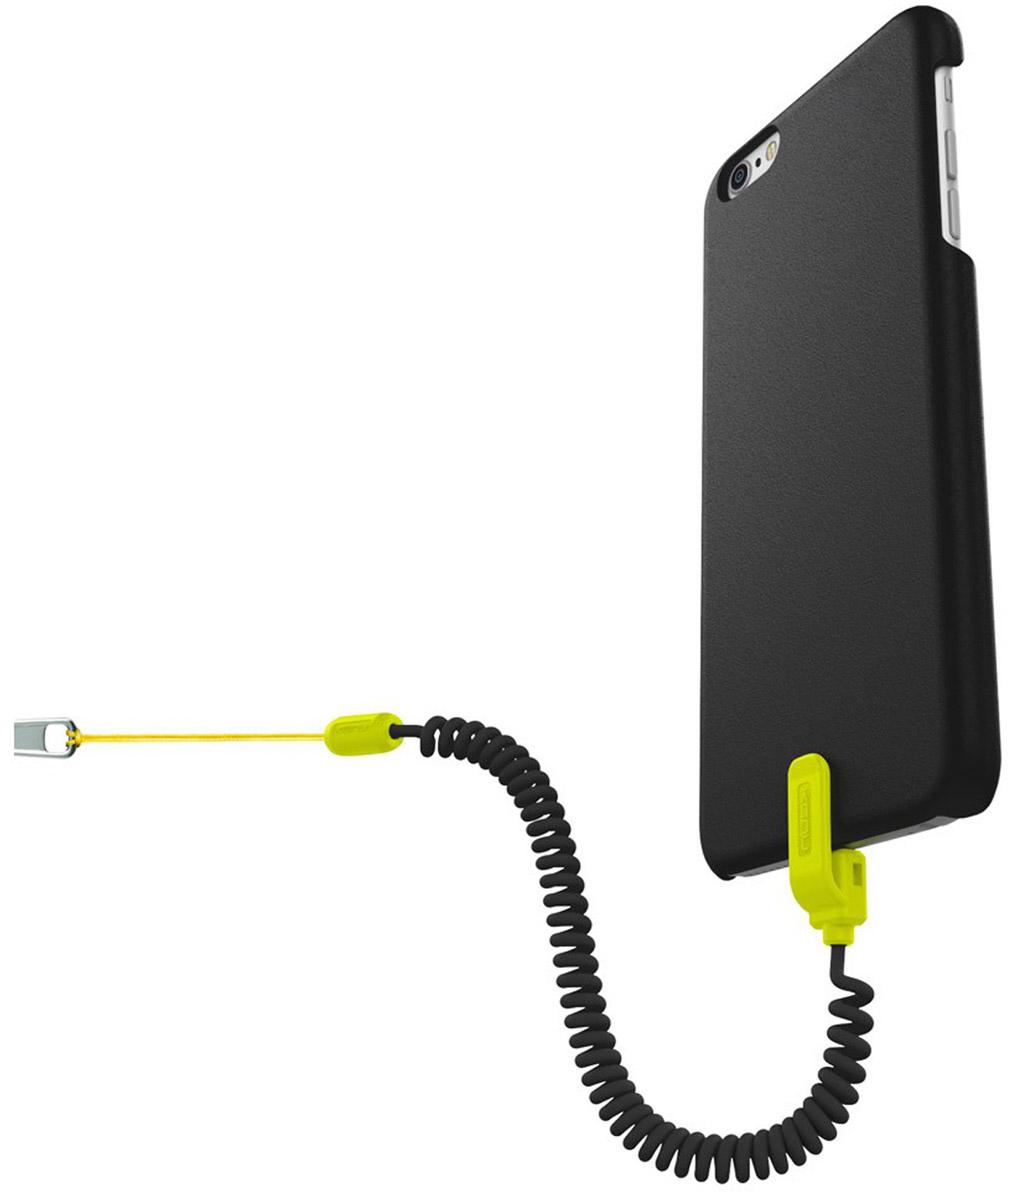 Kenu Highline Case with Leash чехол для Apple iPhone 6 Plus/6s Plus, Black GreenHL6P-GN-NAHighline Case with Leash - невероятно функциональный чехол от Kenu: теперь надежность, защита, устойчивость – в одном флаконе! Этот невероятный чехол обеспечивает достаточное облегание Apple iPhone 6 Plus/6s Plus, первоклассным образом защищает углы, экран и другие хрупкие элементы гаджета, а также, благодаря специальному спиральному проводку удержит ваш смартфон при падении. Поводок крепится через порт Lightning смартфона и специальную выемку в чехле для надежного удержания устройства. Прочный сердечник из Kevlara не даст поводку порваться.